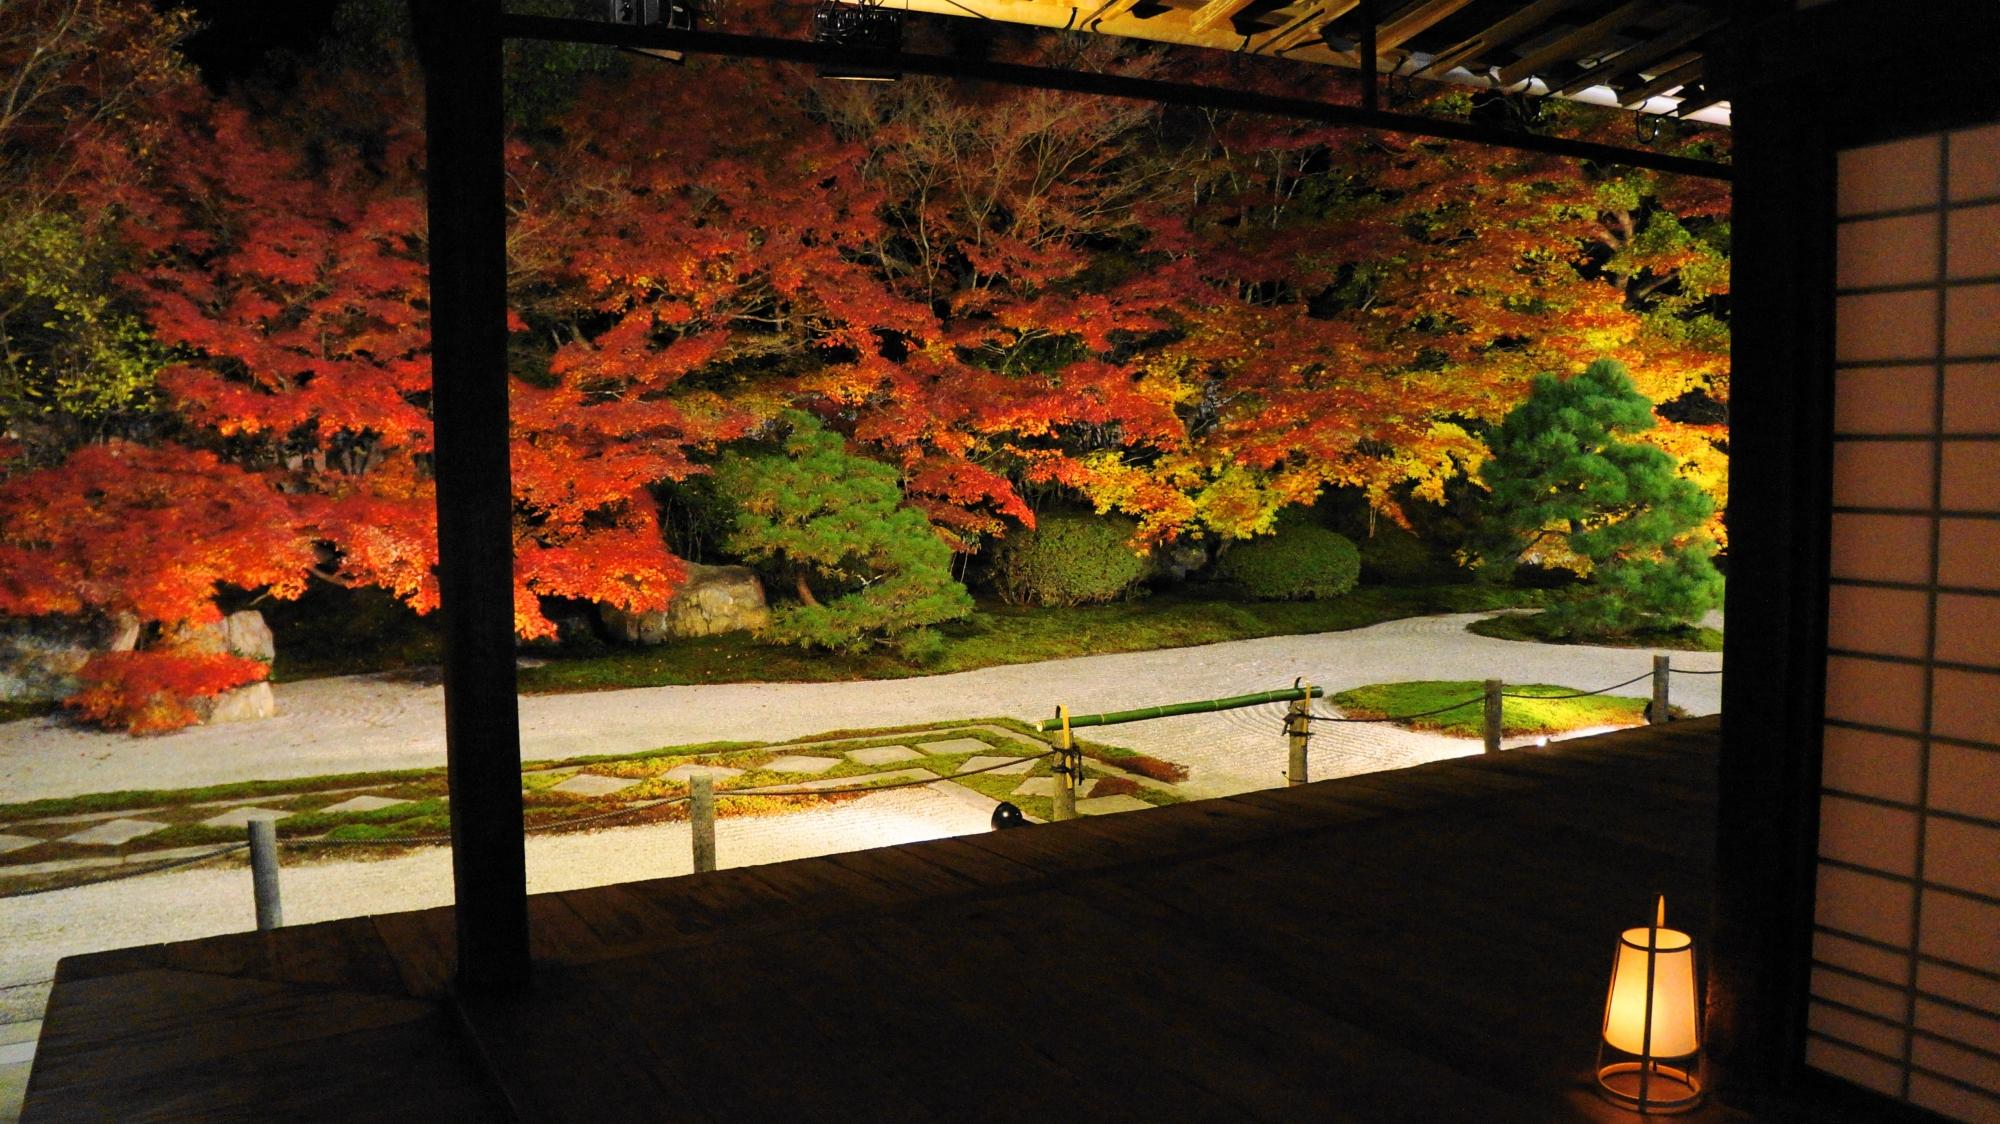 天寿庵の本堂正面に広がる迫力の紅葉の庭園